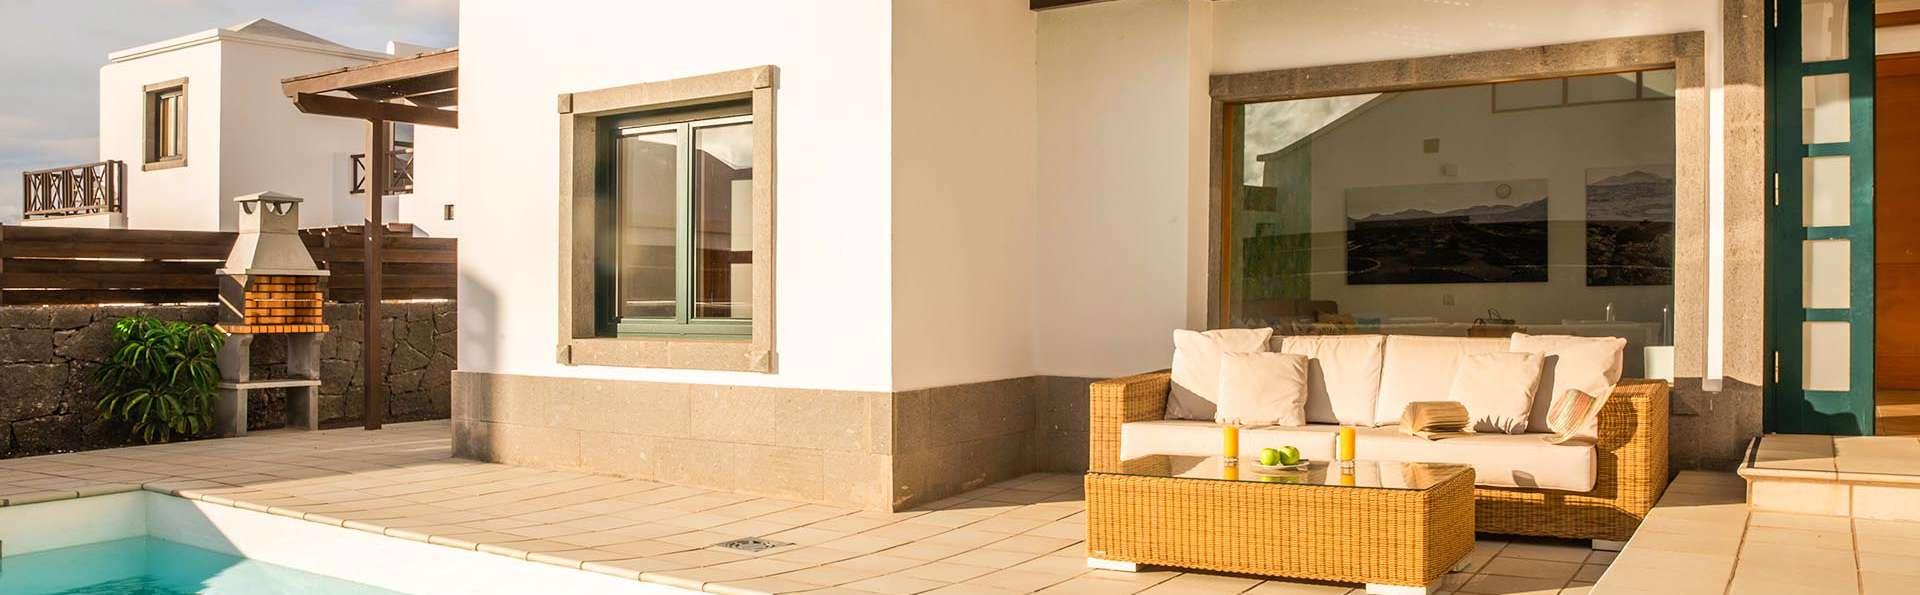 Escapada en Lanzarote en una villa con barbacoa y piscina cerca de la playa de las Coloradas